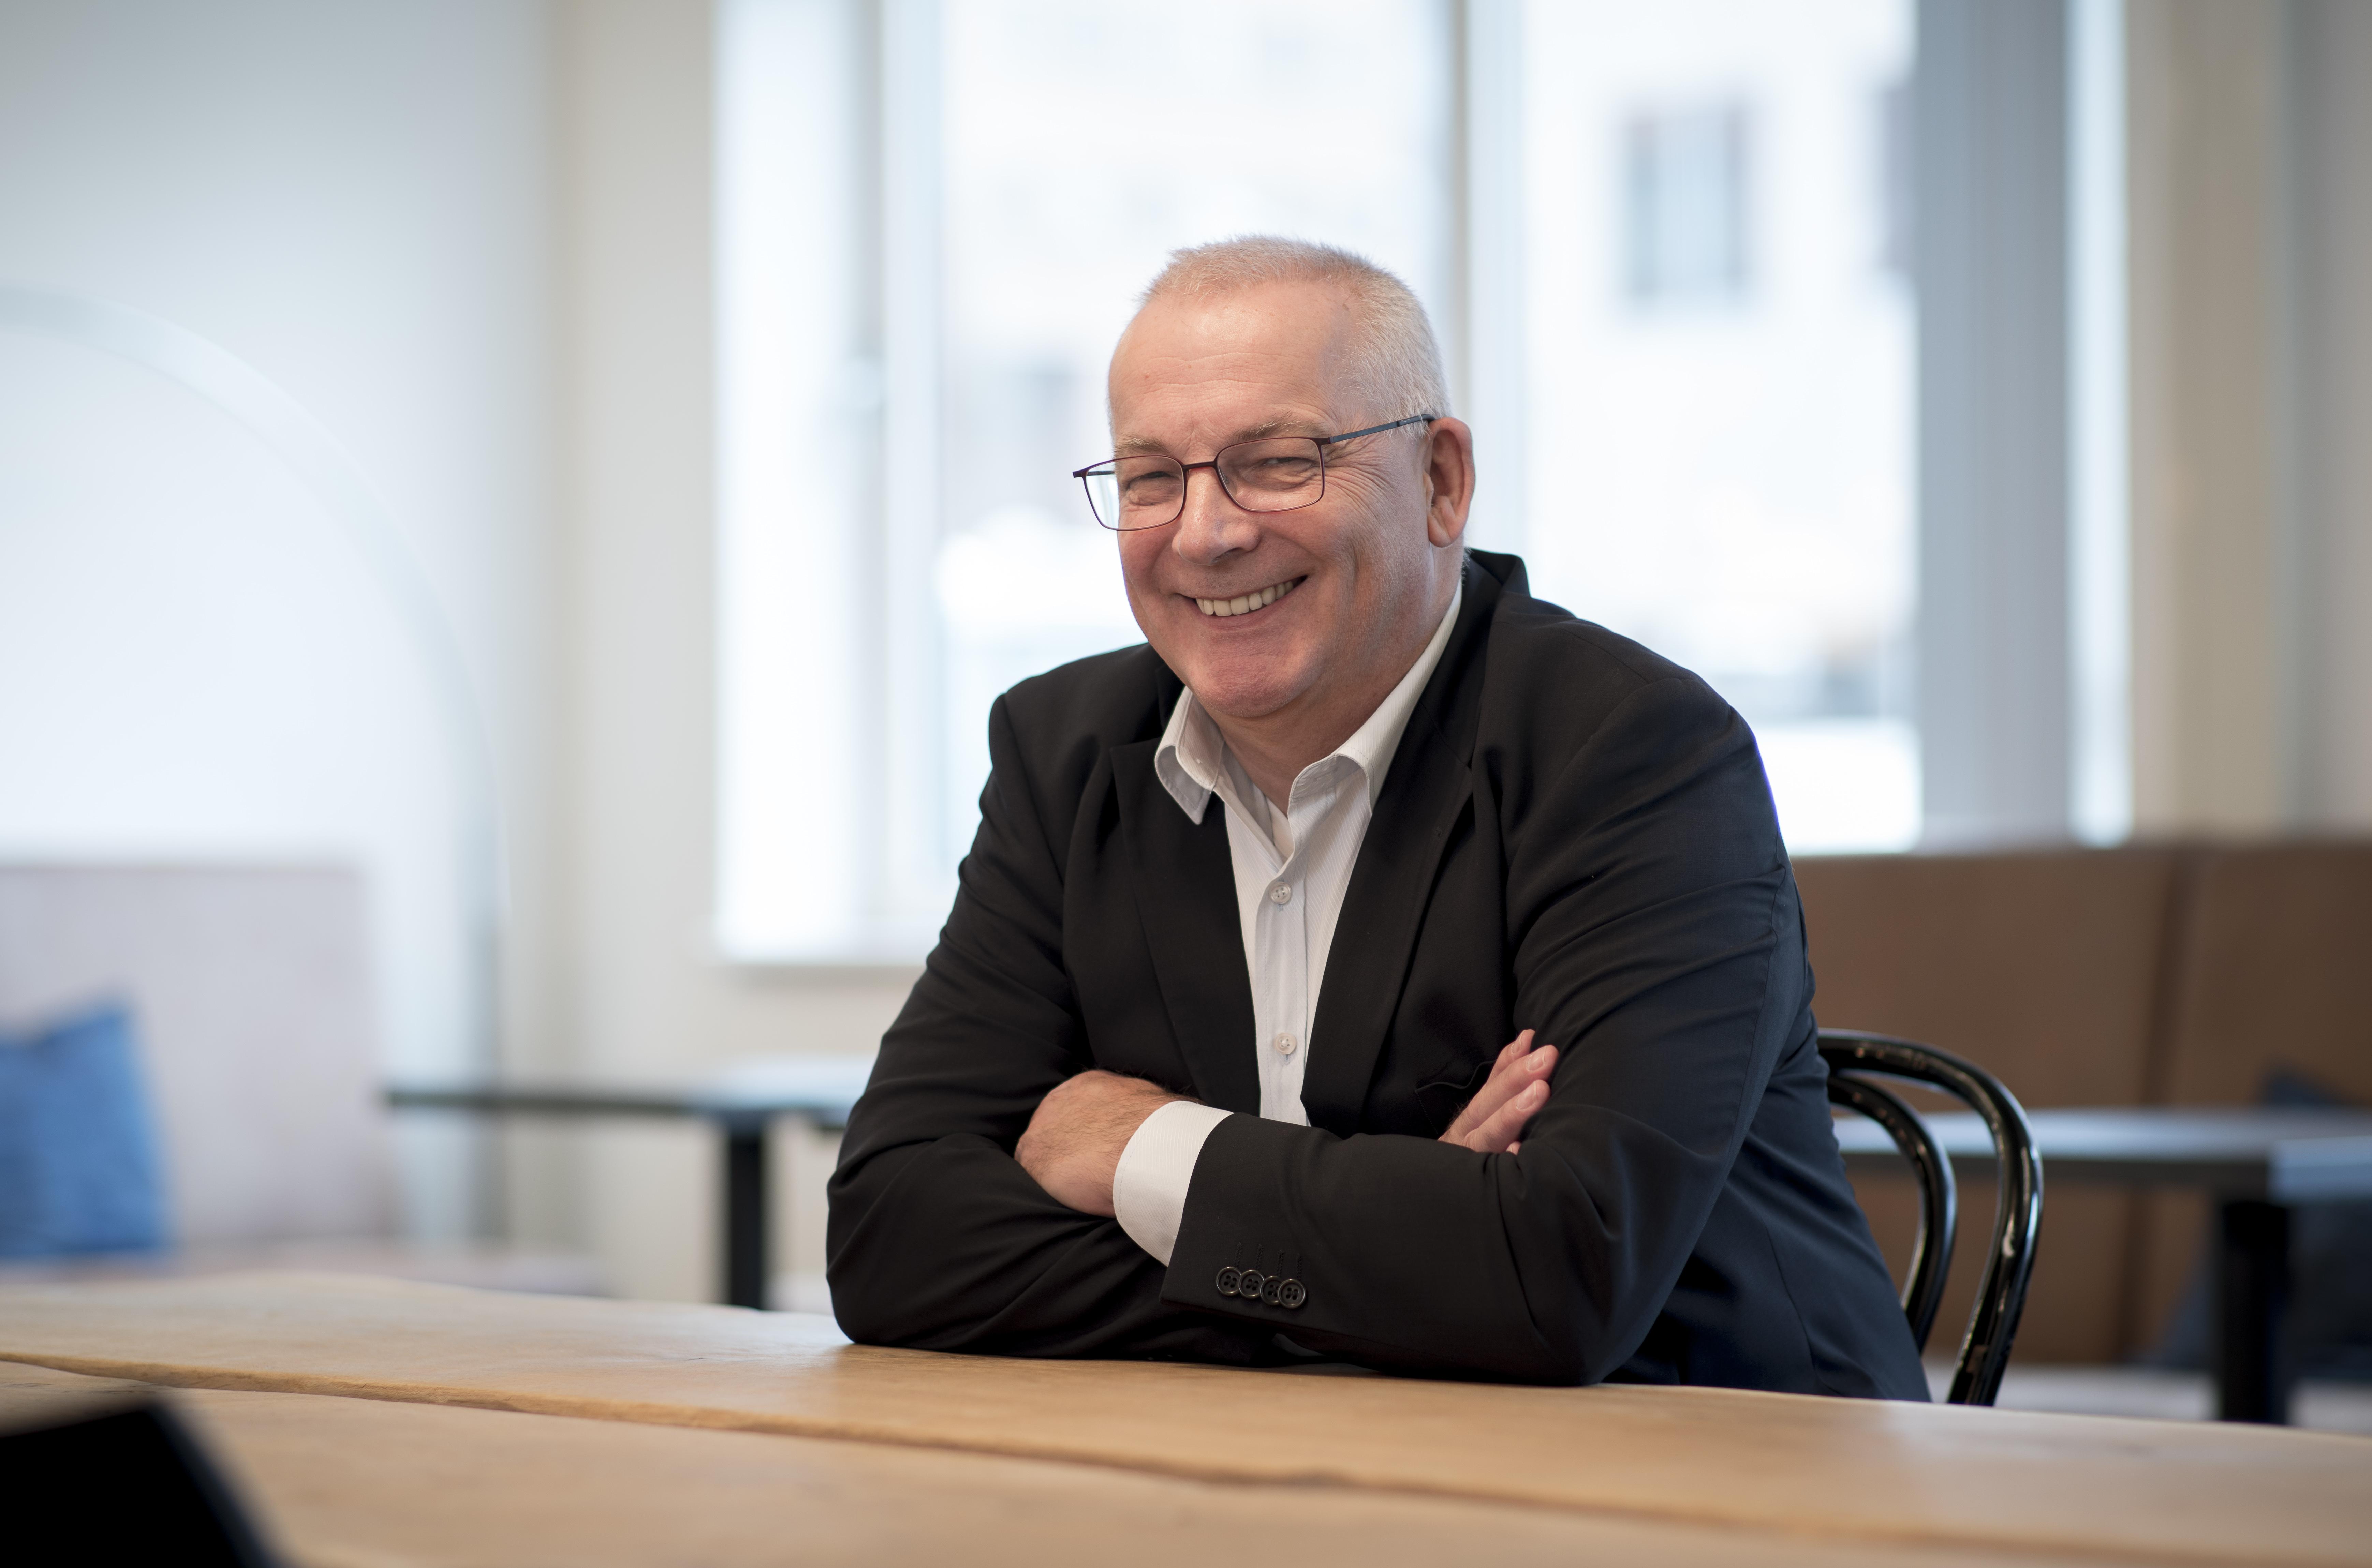 René Reijenga, voorzitter van de werkgroep Pre-, in- en post-employment screening